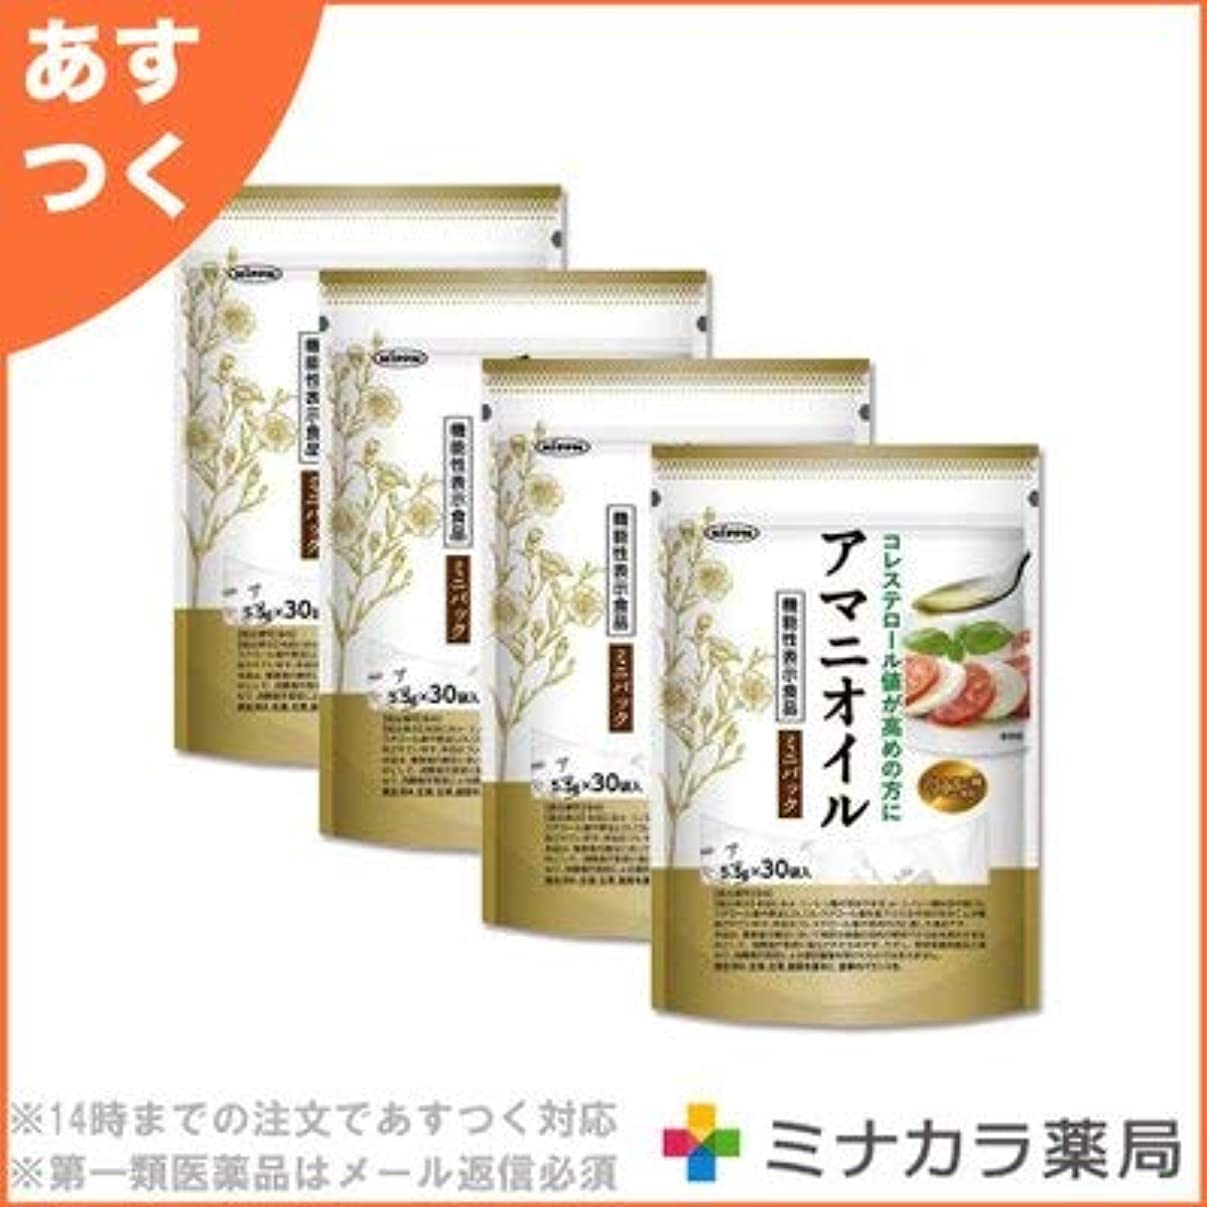 埋めるエレメンタルパワー日本製粉 アマニオイル ミニパック 5.5g×30 (機能性表示食品)×4個セット